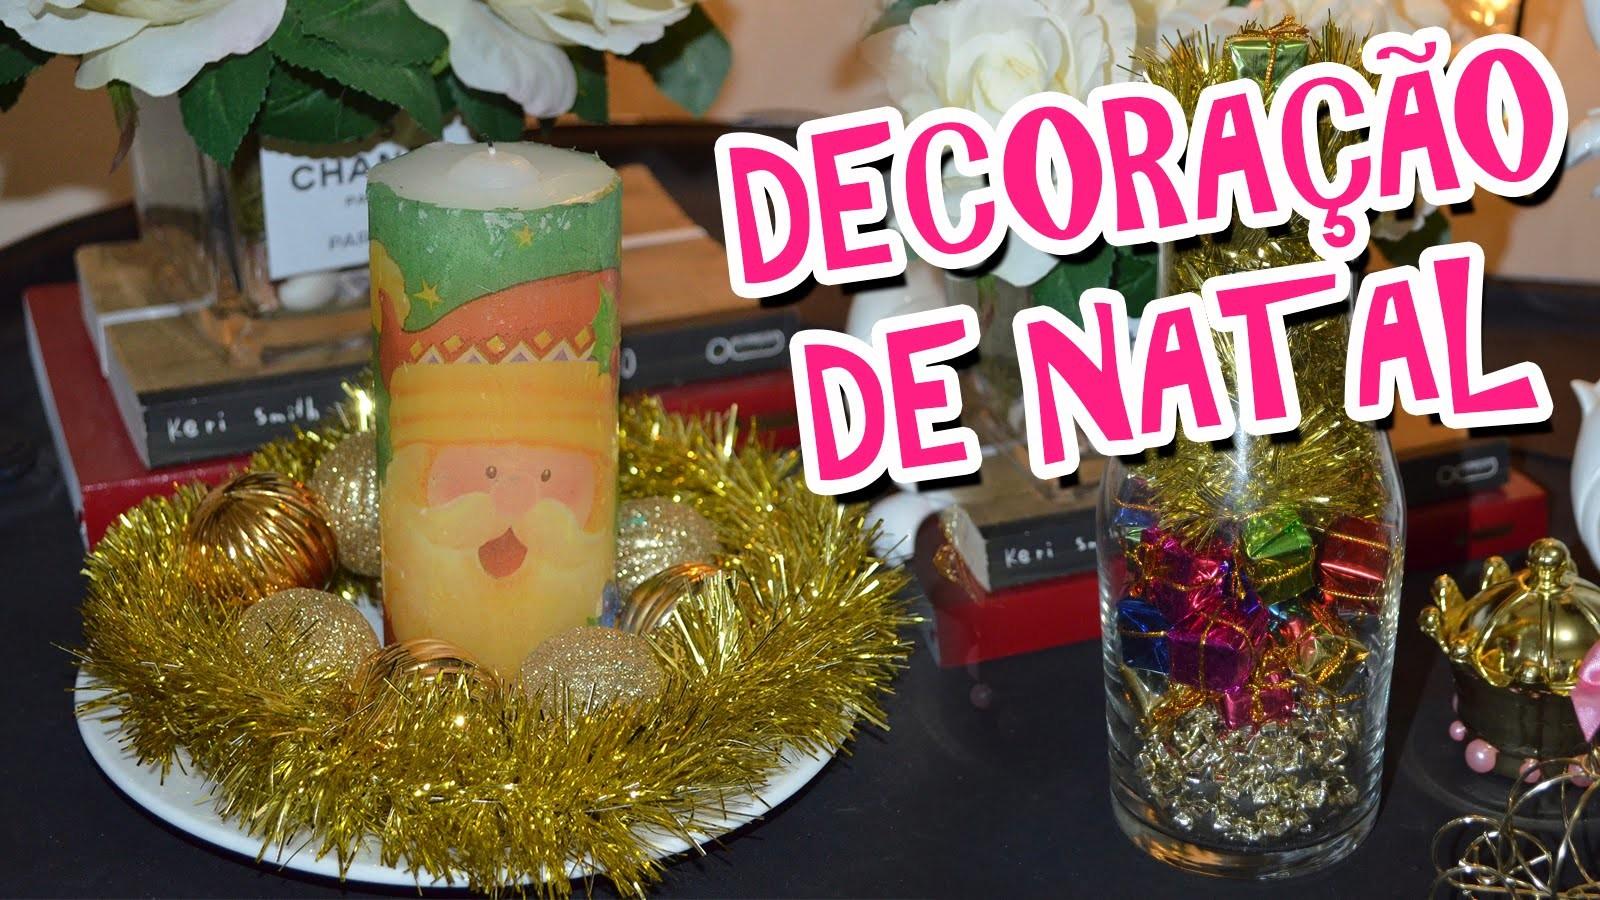 DIY DECORAÇÃO DE NATAL LINDA, FÁCIL E BARATA | URSULA ANDRESS